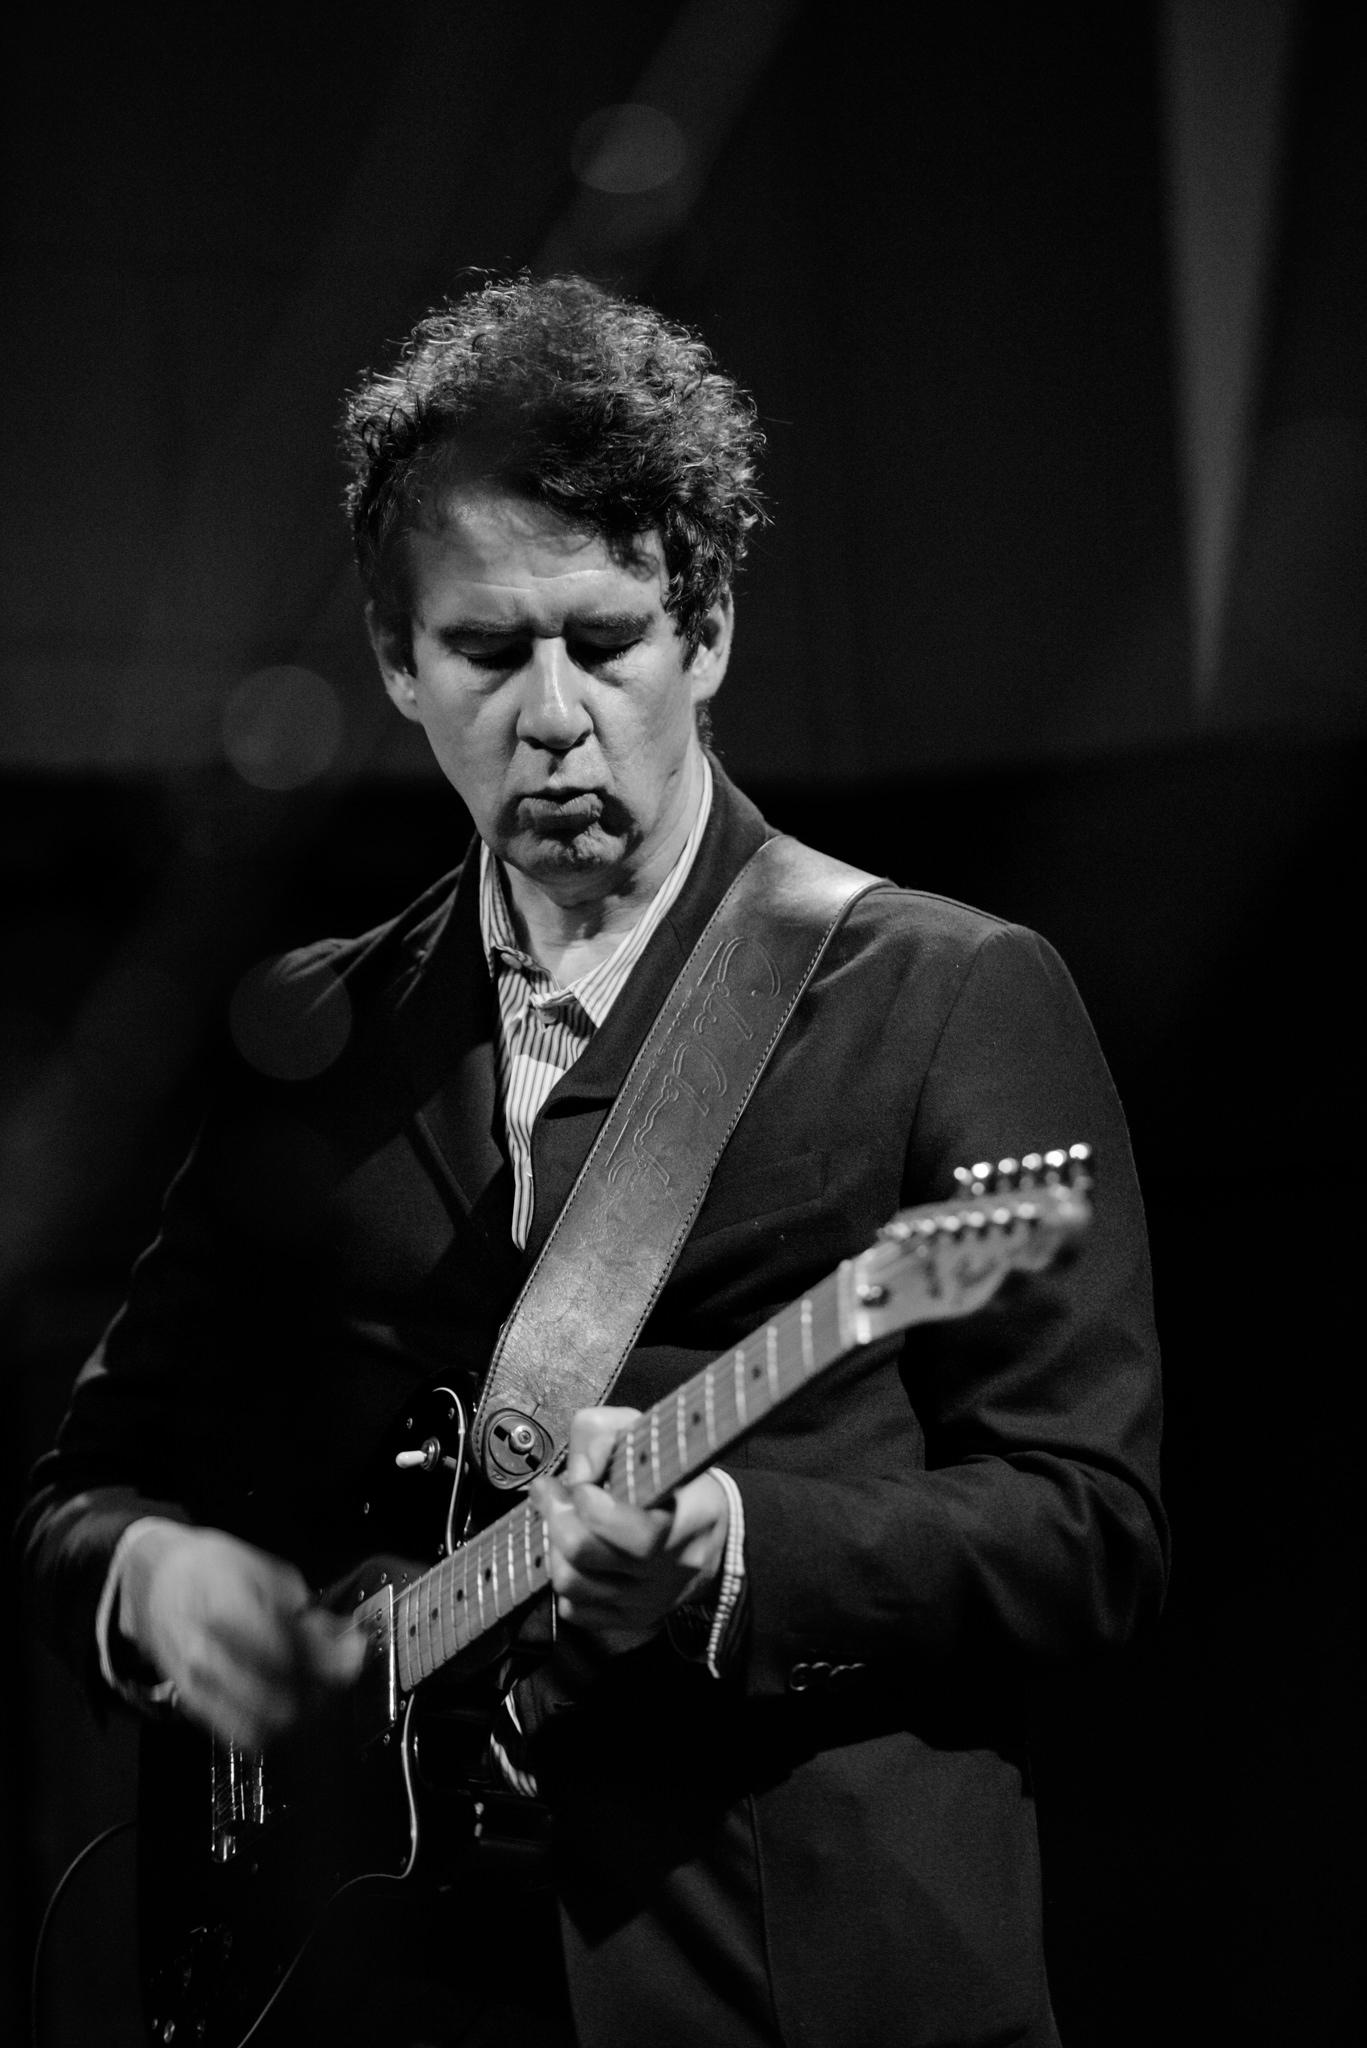 Concert for Stewart Cruickshank - ©Julie Broadfoot - www.juliebee.co.uk